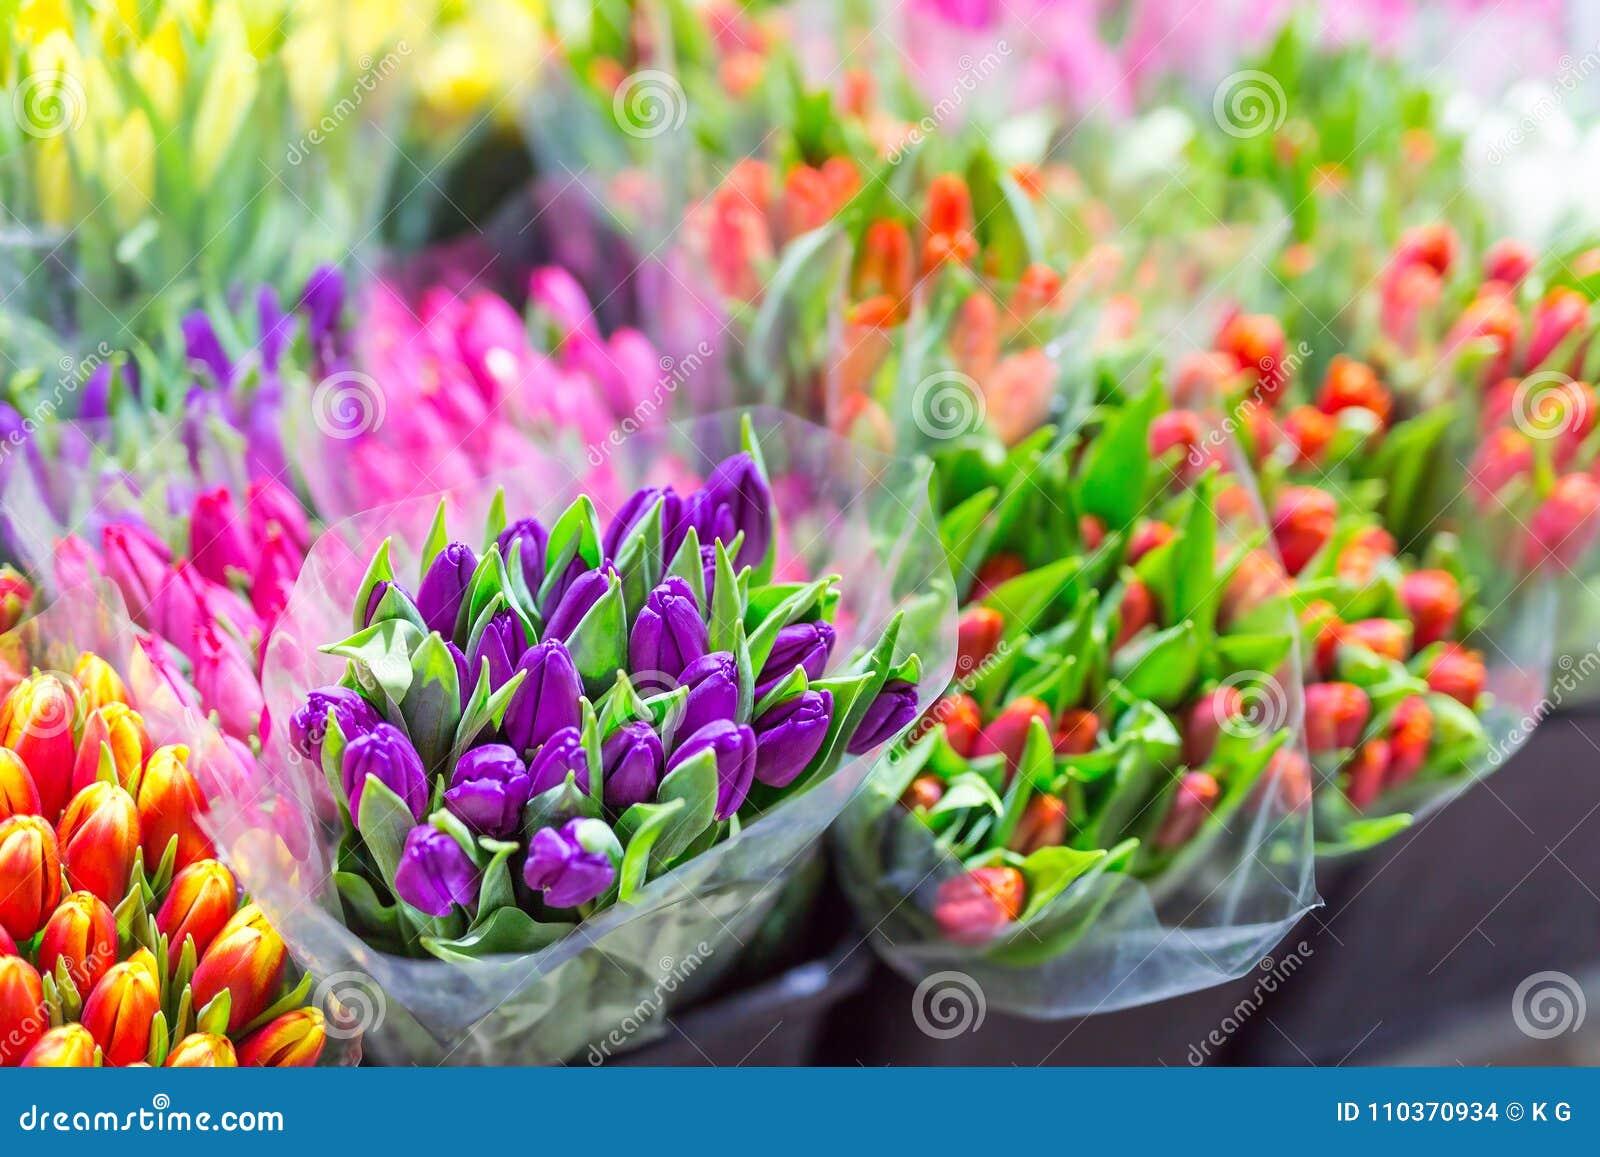 Sort de bouquets multicolores de tulipes Marché ou magasin de fleur Fleuriste en gros et au détail Service de fleuriste Jour de f